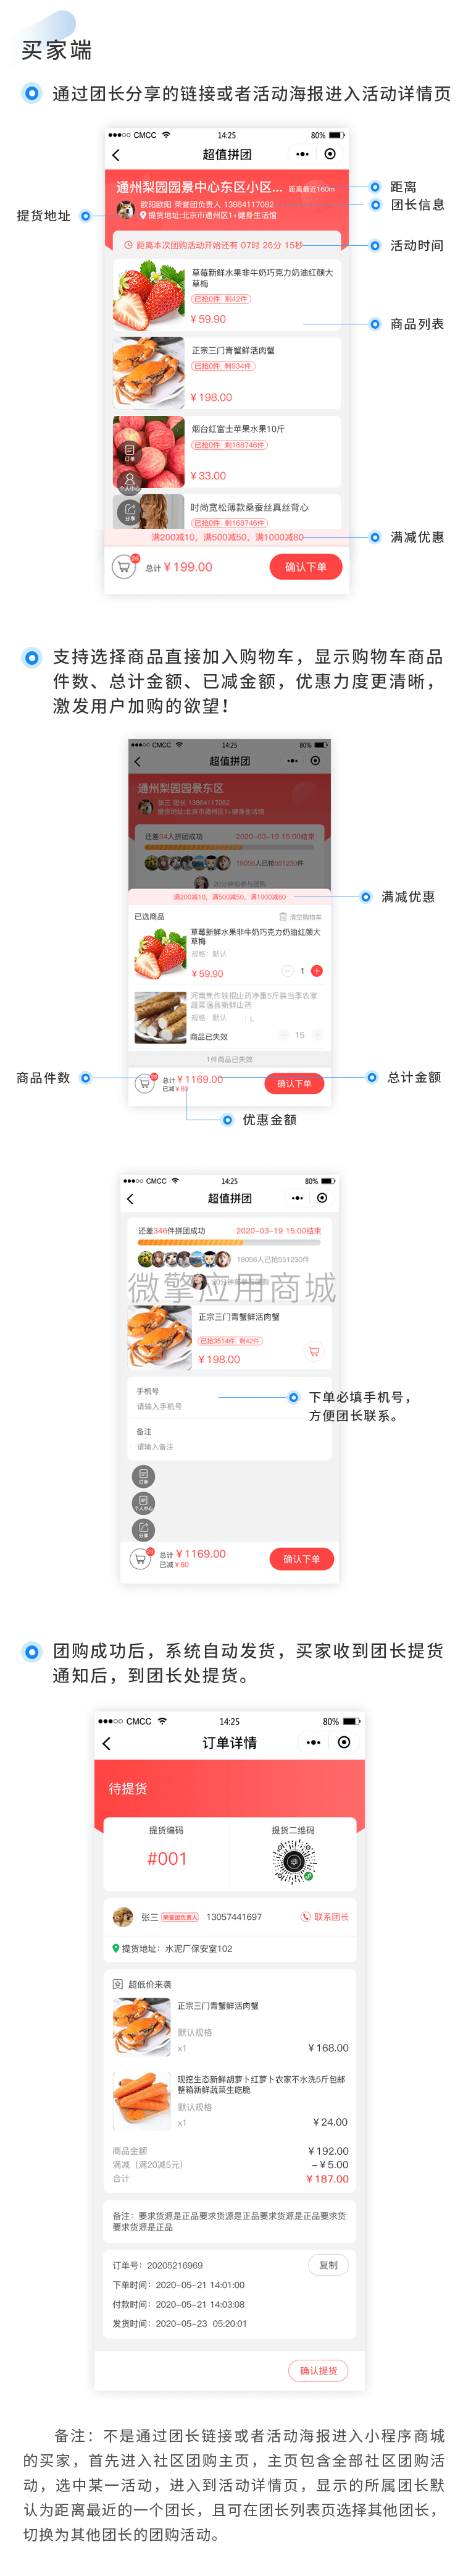 社区团购_04.png